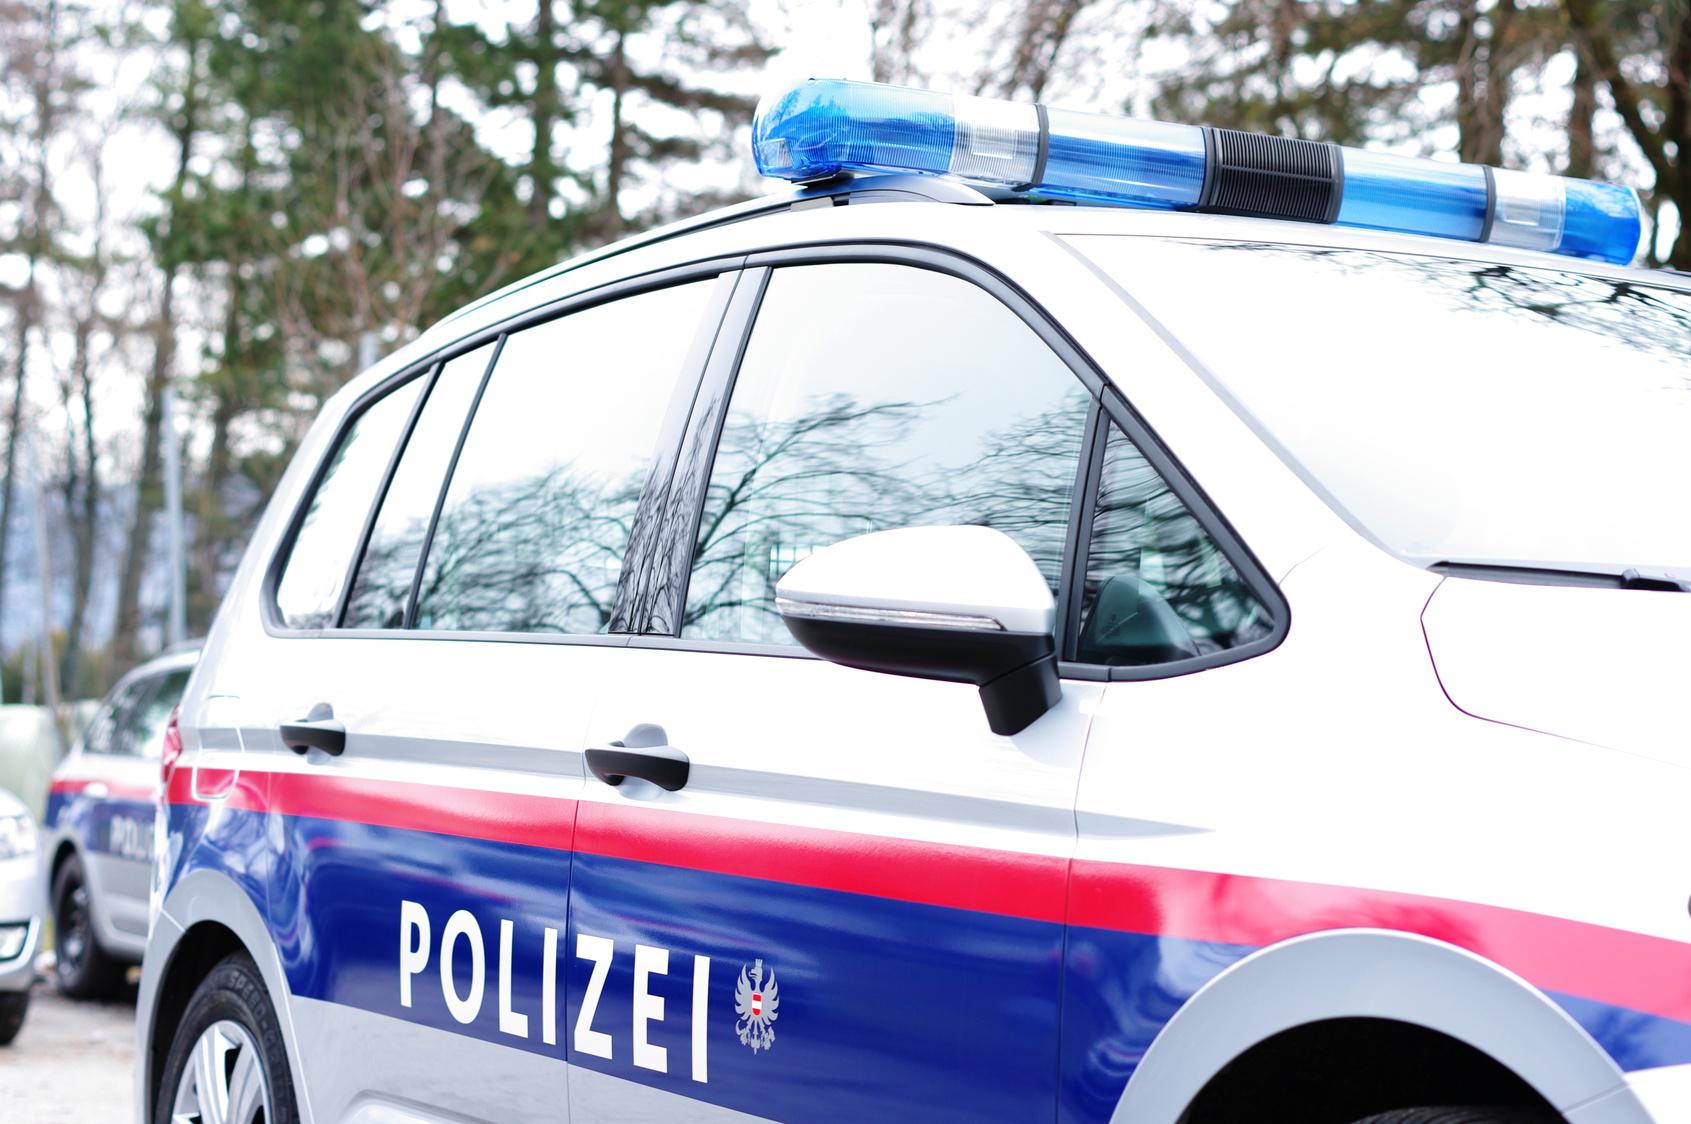 Mehr rechter Hass in Österreich Zahl der Angriffe auf Flüchtlinge verdoppelt sich